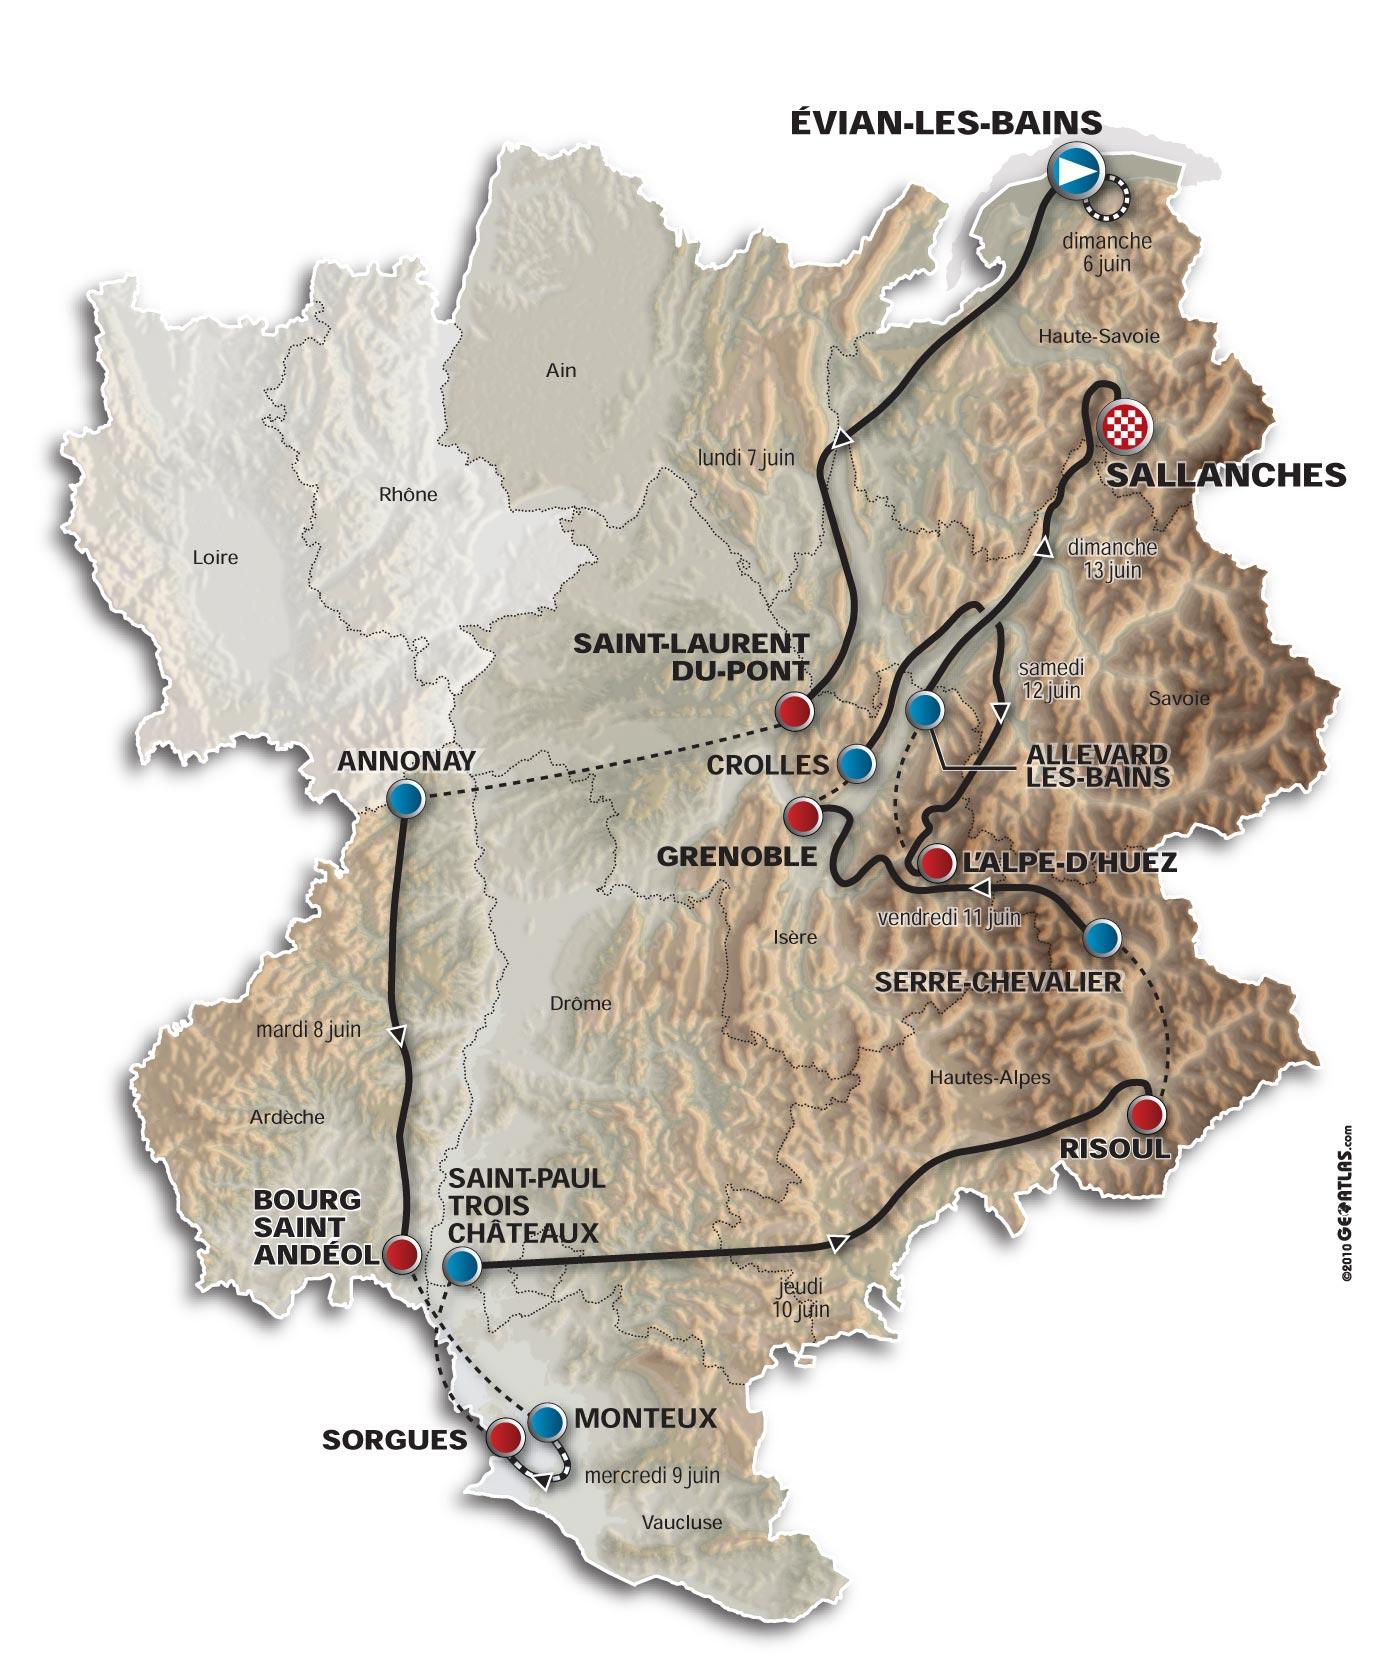 Criterium du Dauphine 2010 map